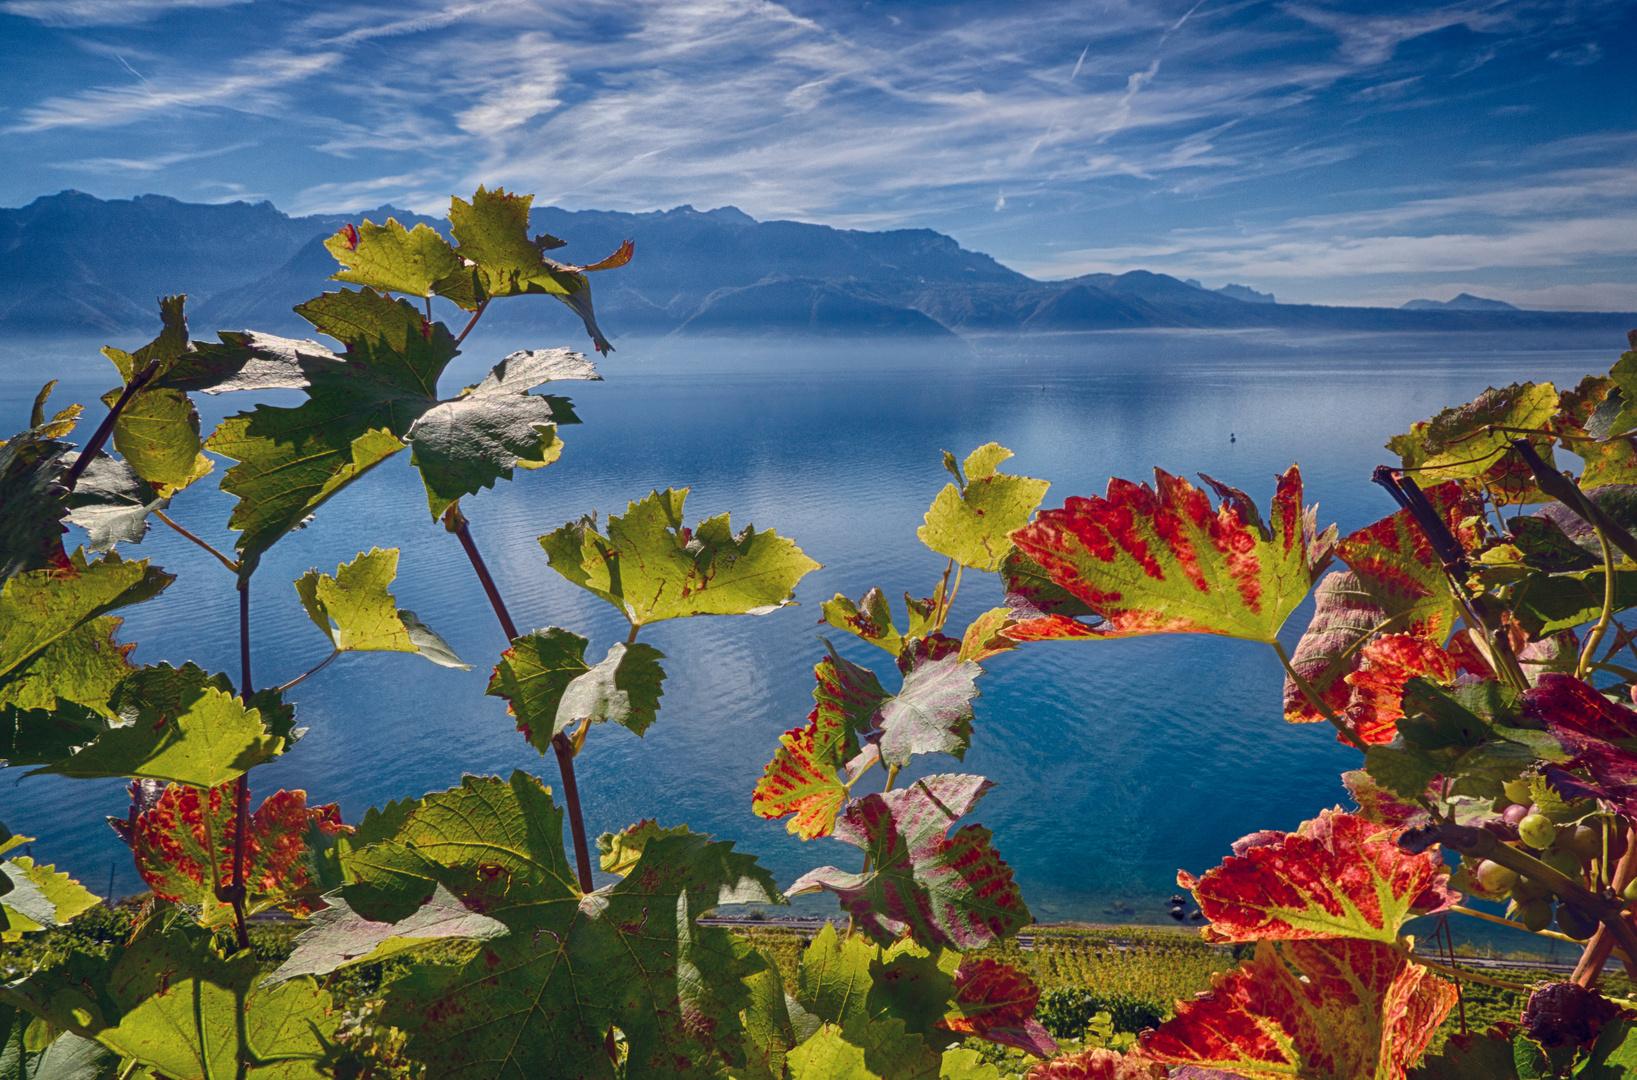 Wein in der Mittagssonne am Genfer See